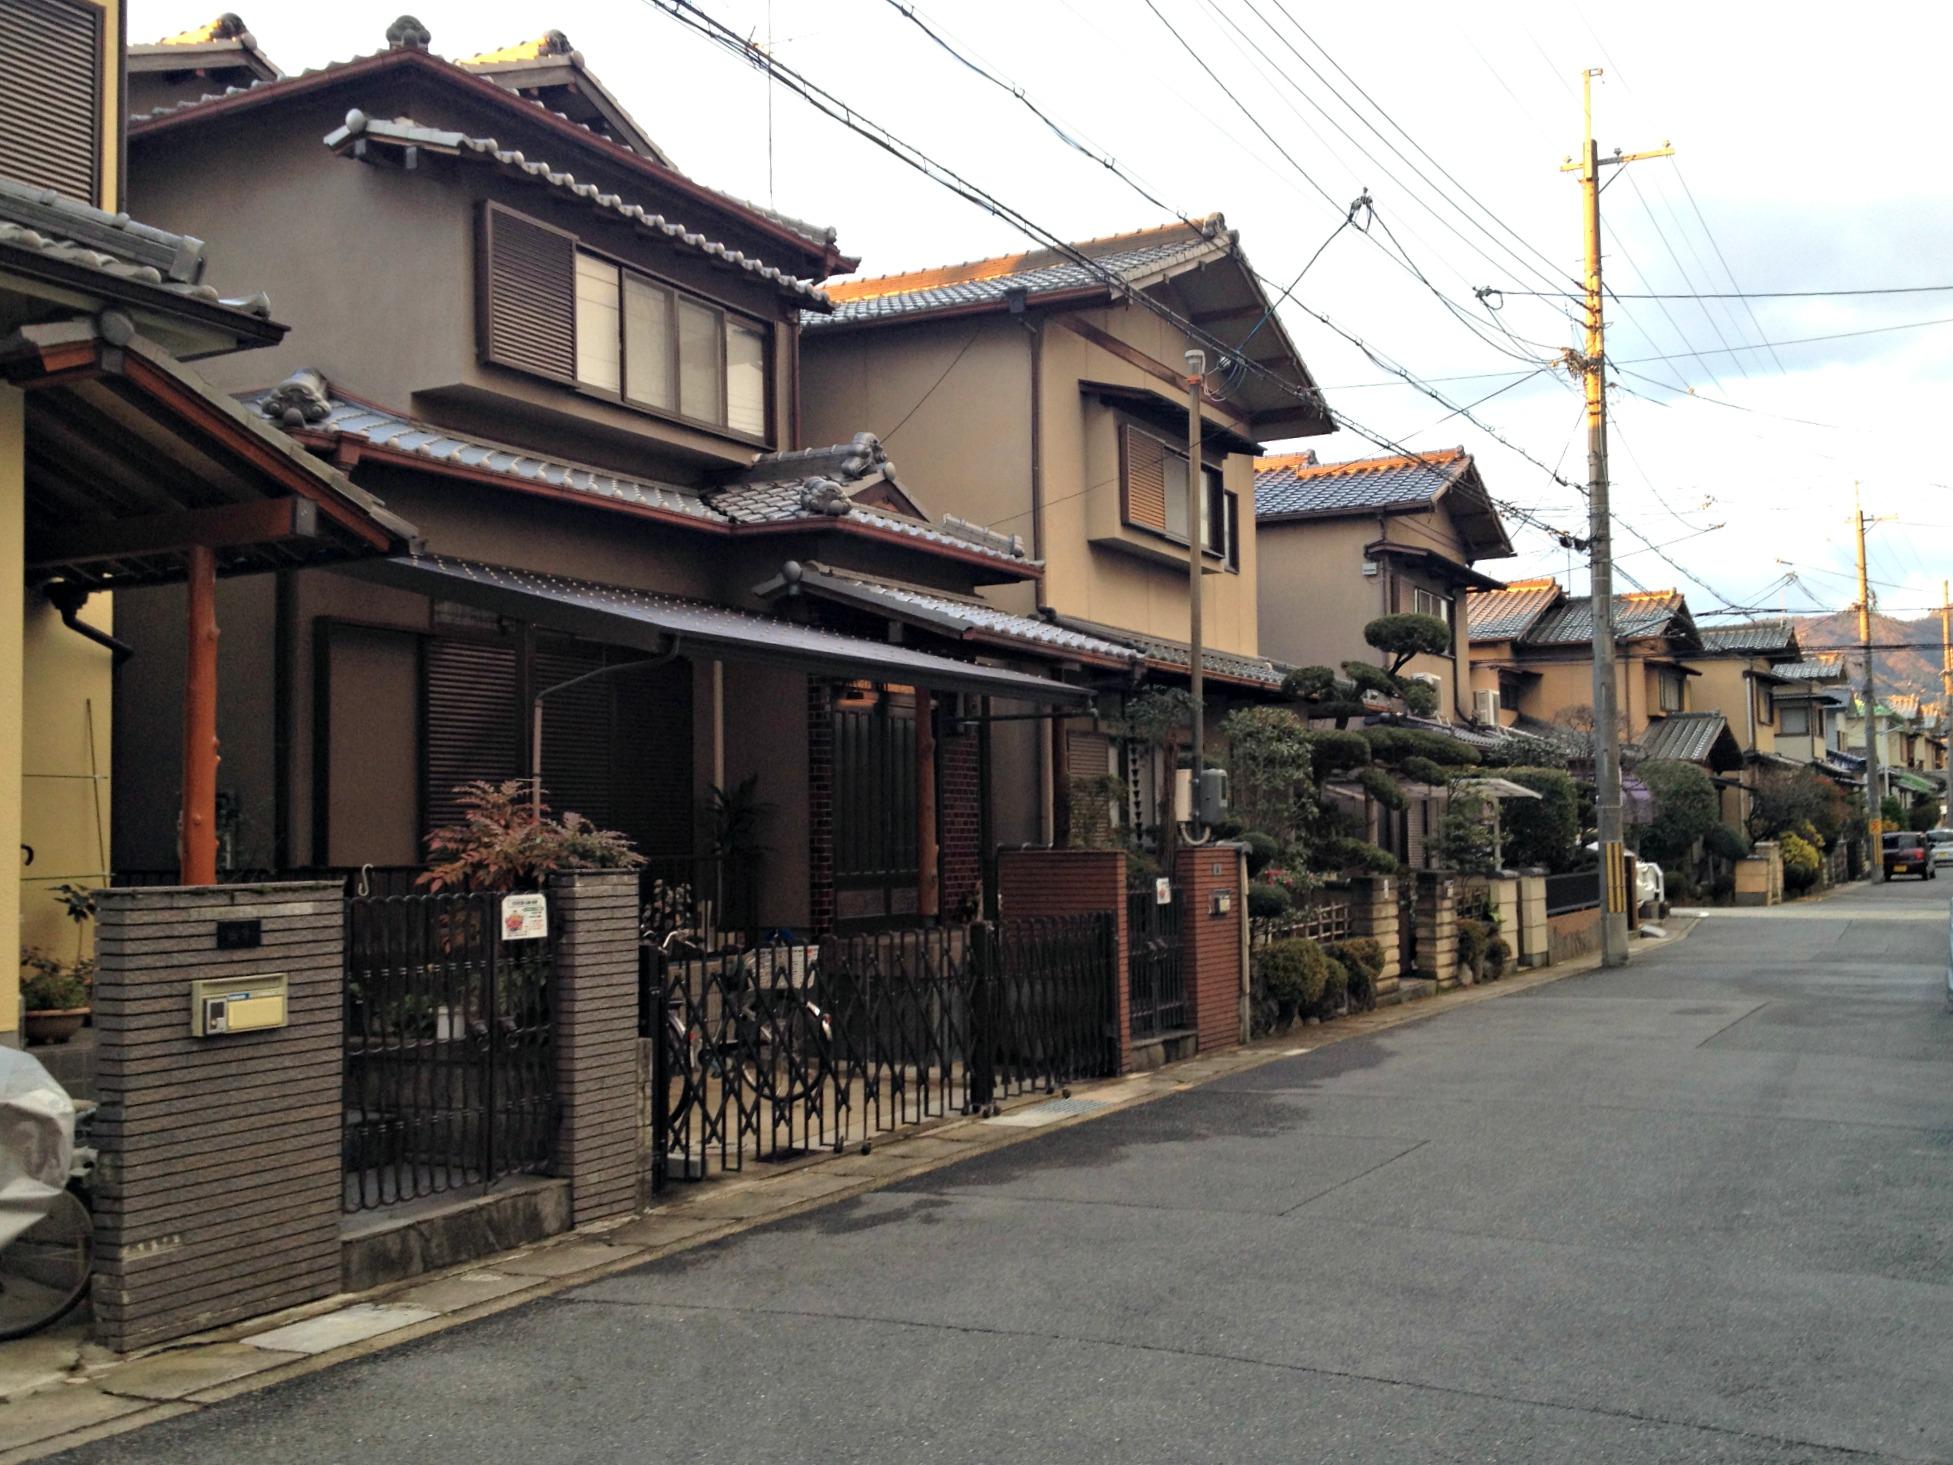 La mia casa in giappone raccontando dal giappone for La casa giapponese